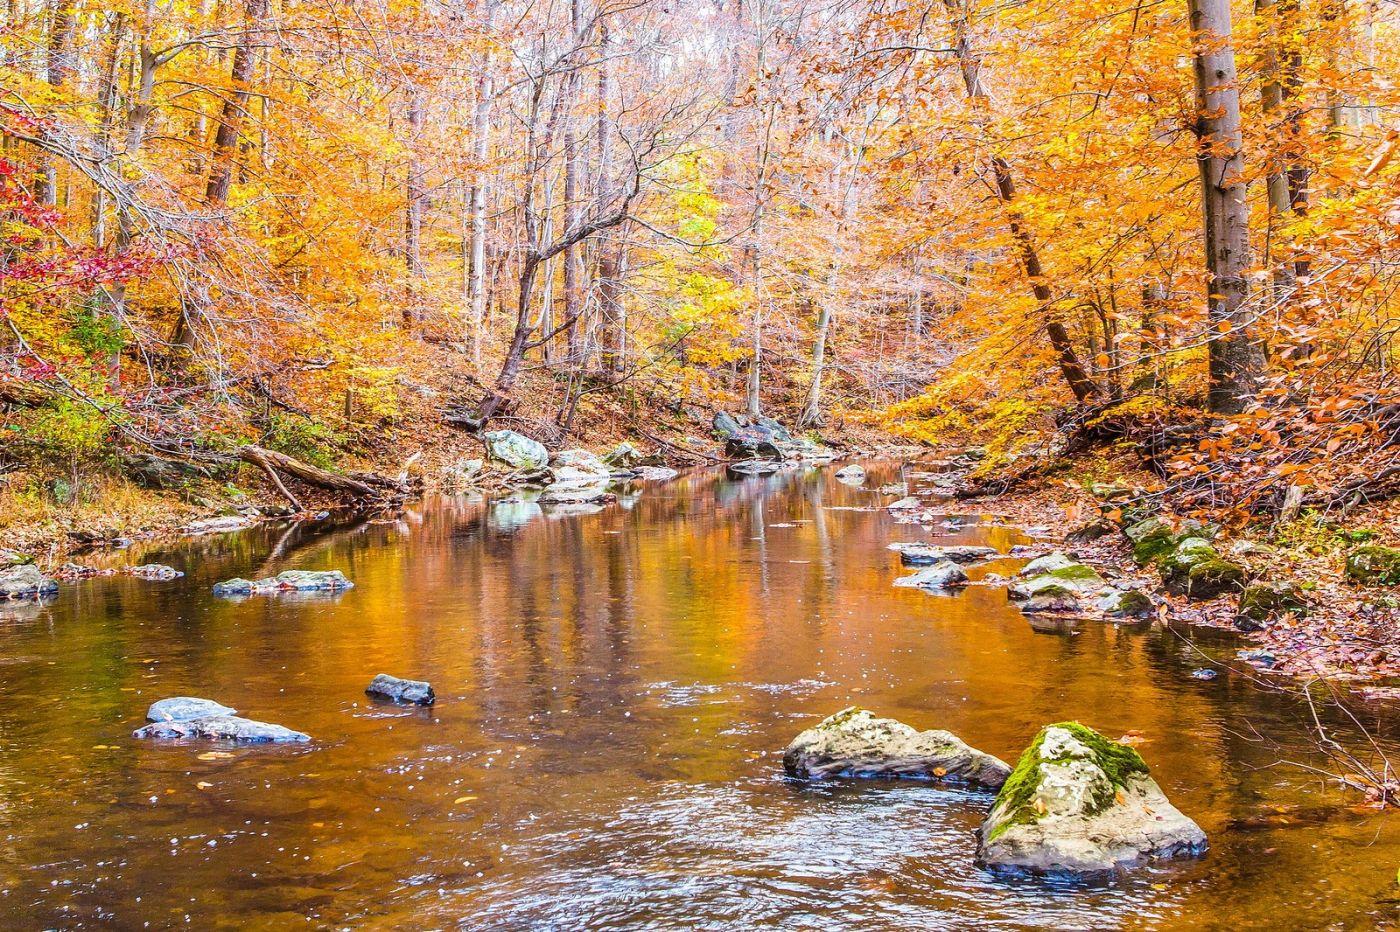 宾州雷德利克里克公园(Ridley creek park),迷人的秋色_图1-10